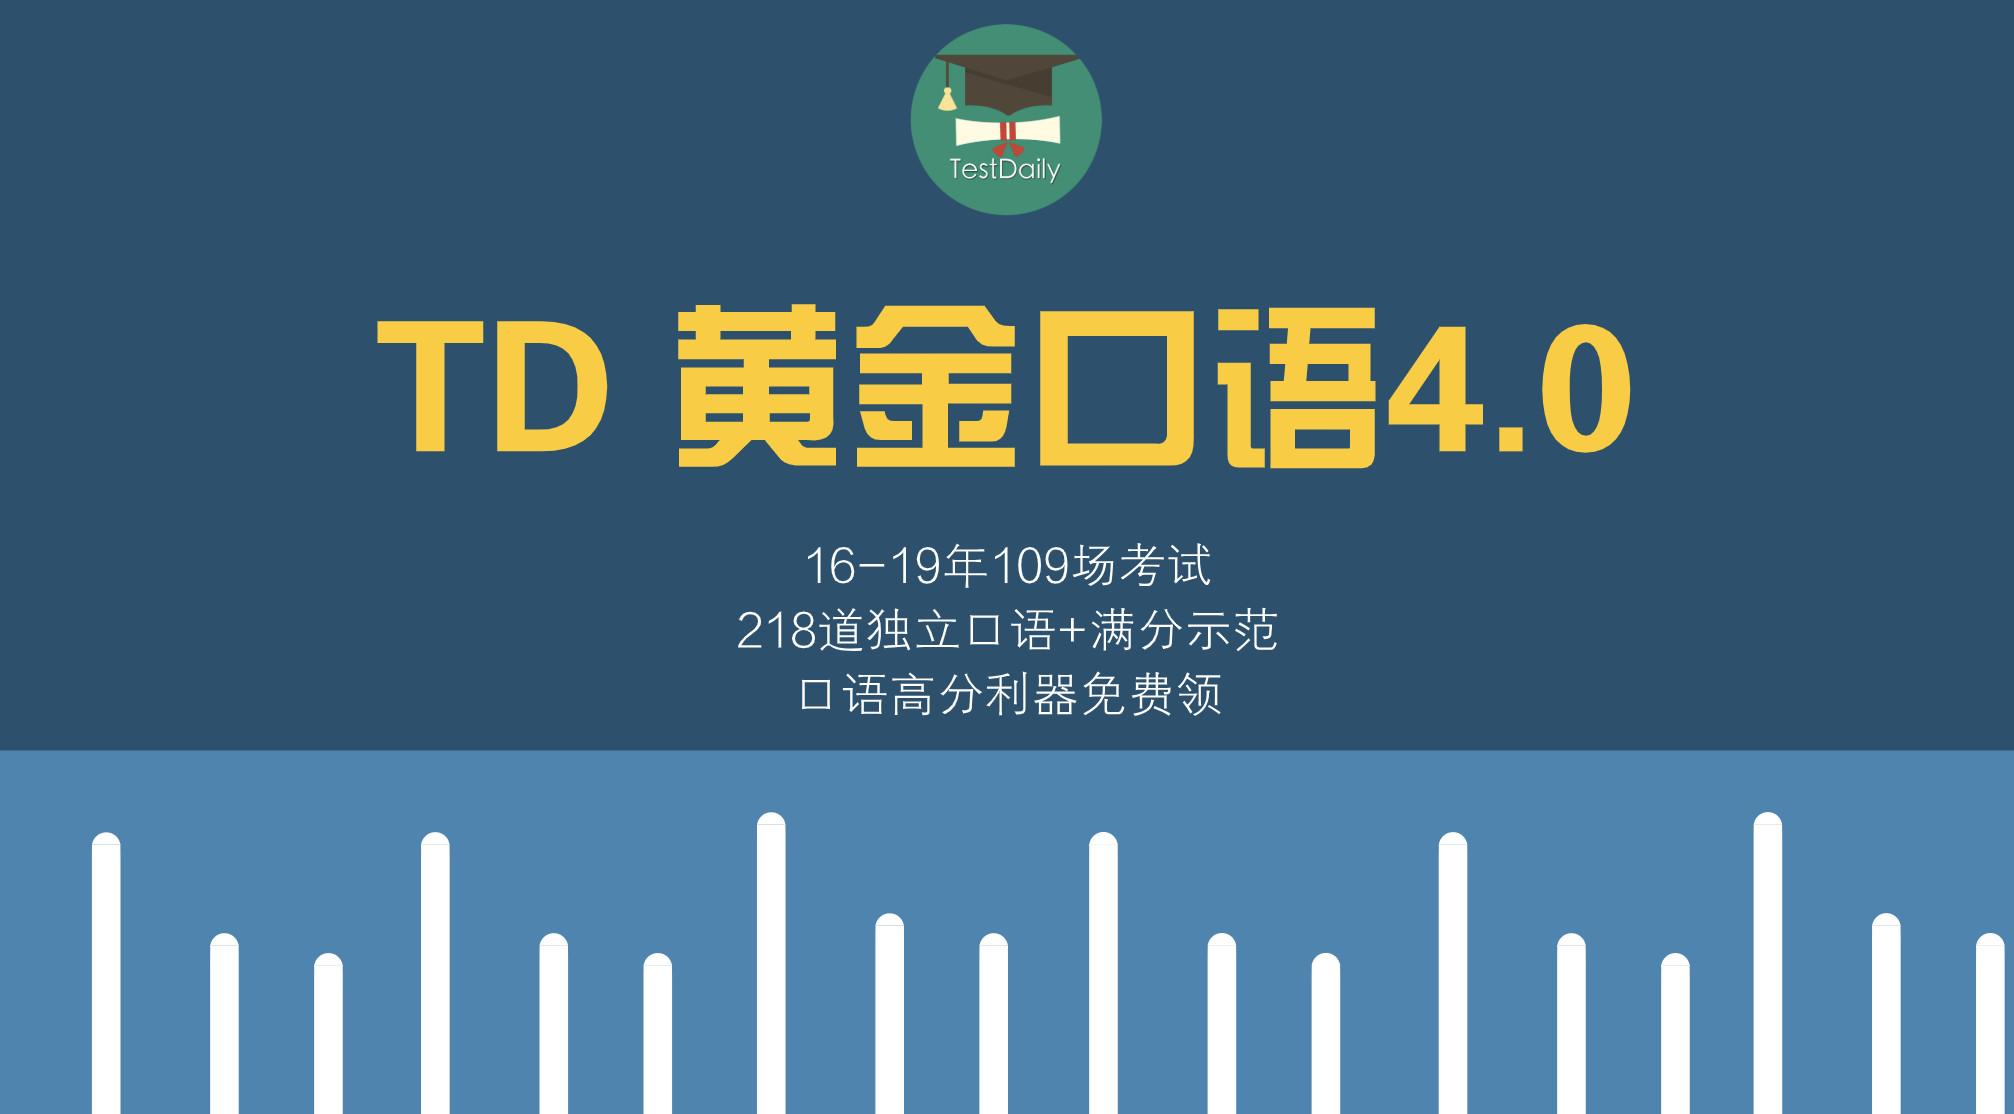 2016年到2020年托福口语真题及示范答案_TD 托福黄金口语